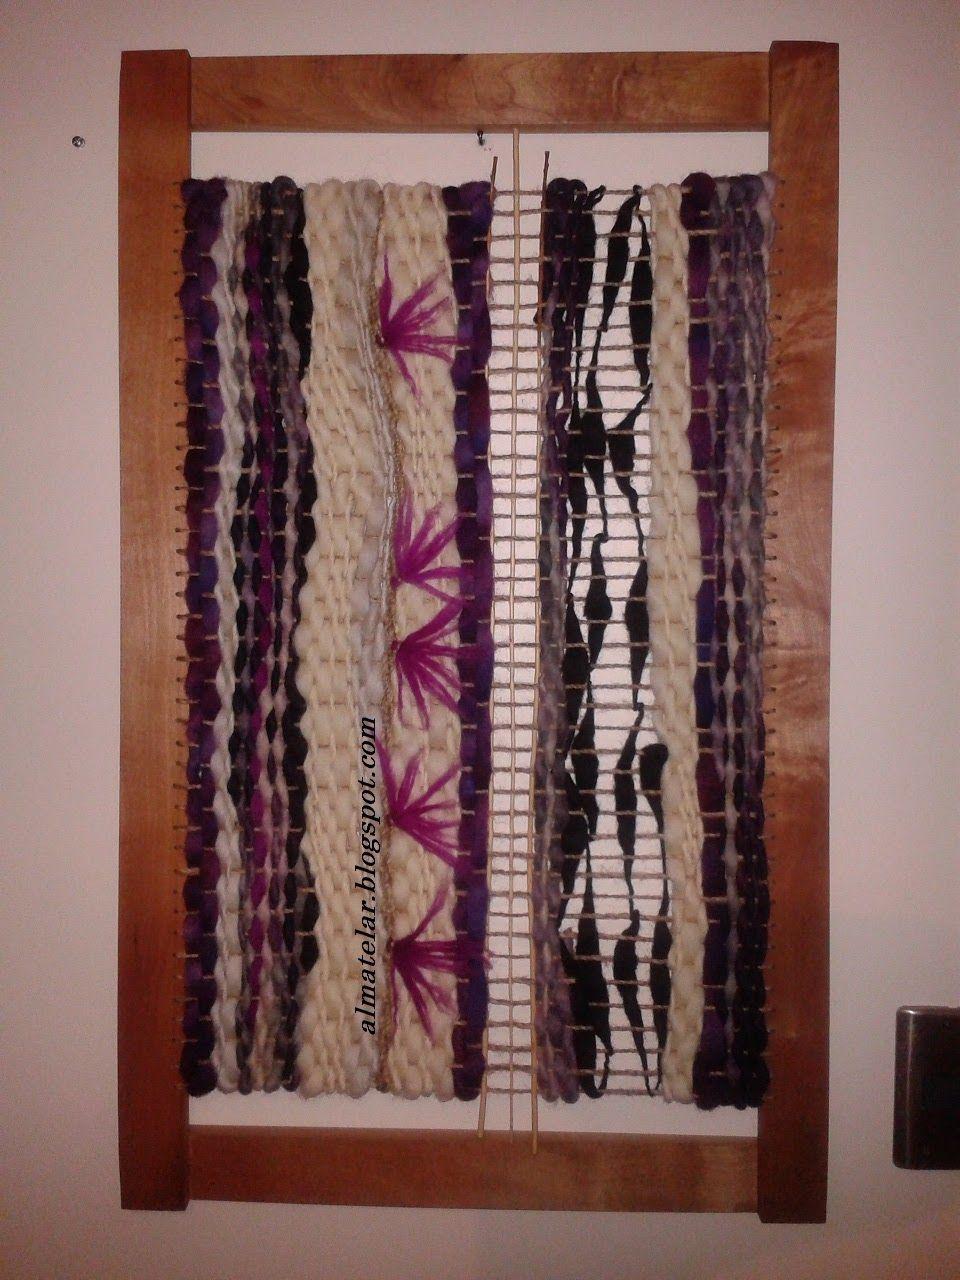 tejidos decorativos   Weaving Techniques, Textures, Tools